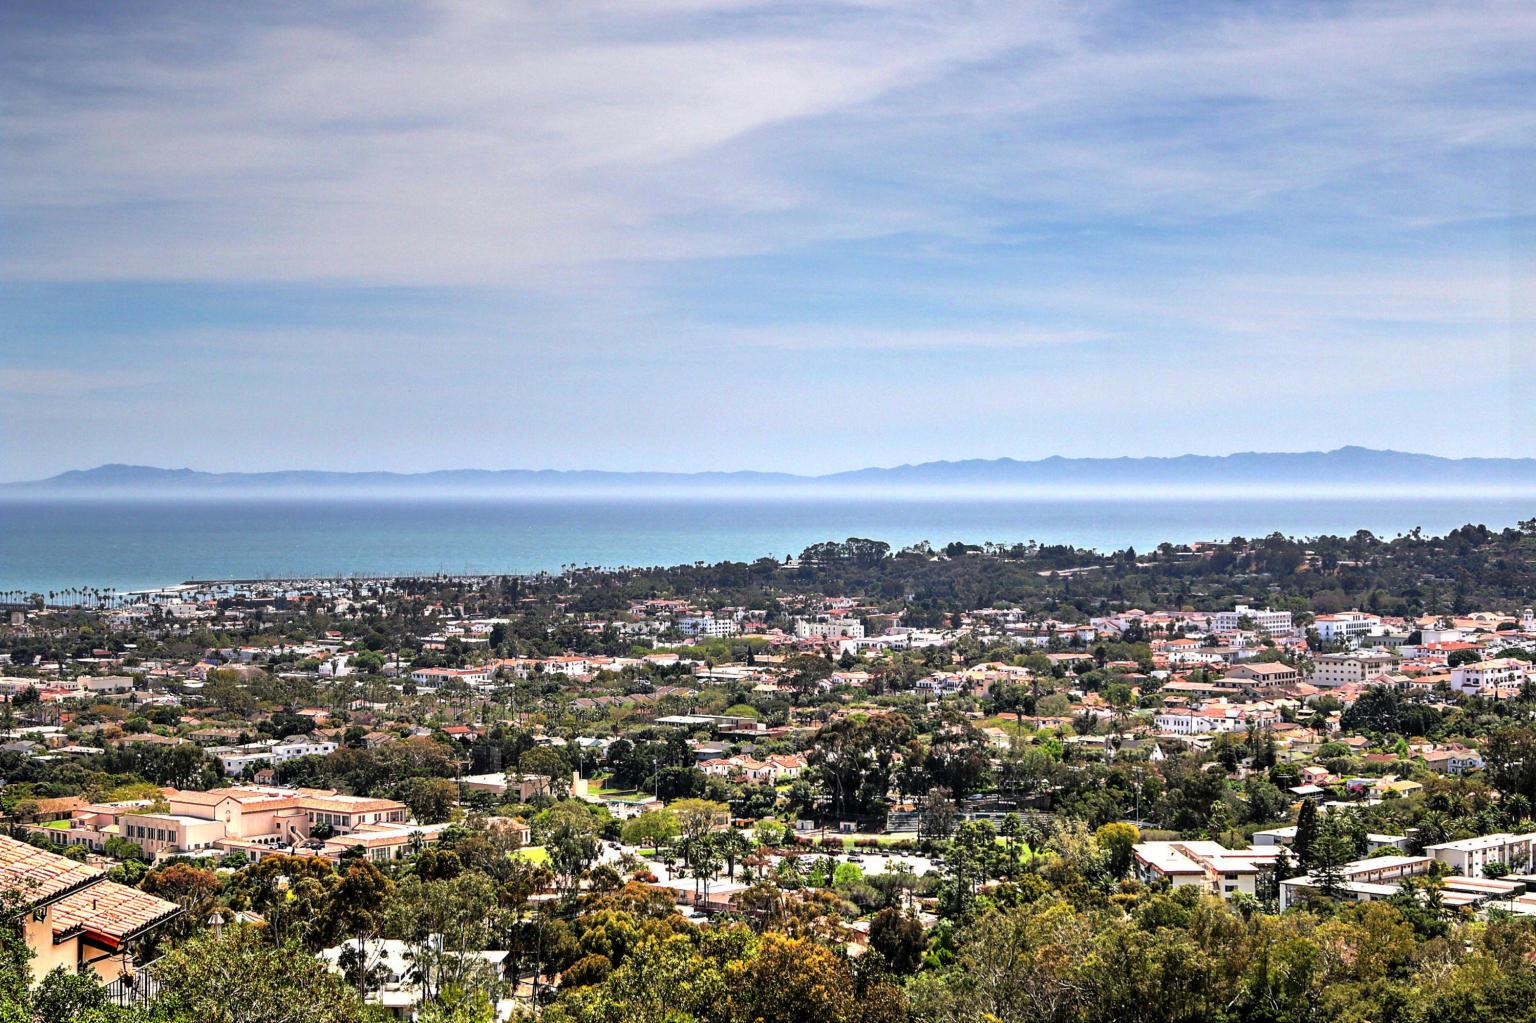 SOLD: $1,905,000  Represented Buyer  1405 Alameda Padre Serra Santa Barbara, CA 93103 2 beds 3 baths